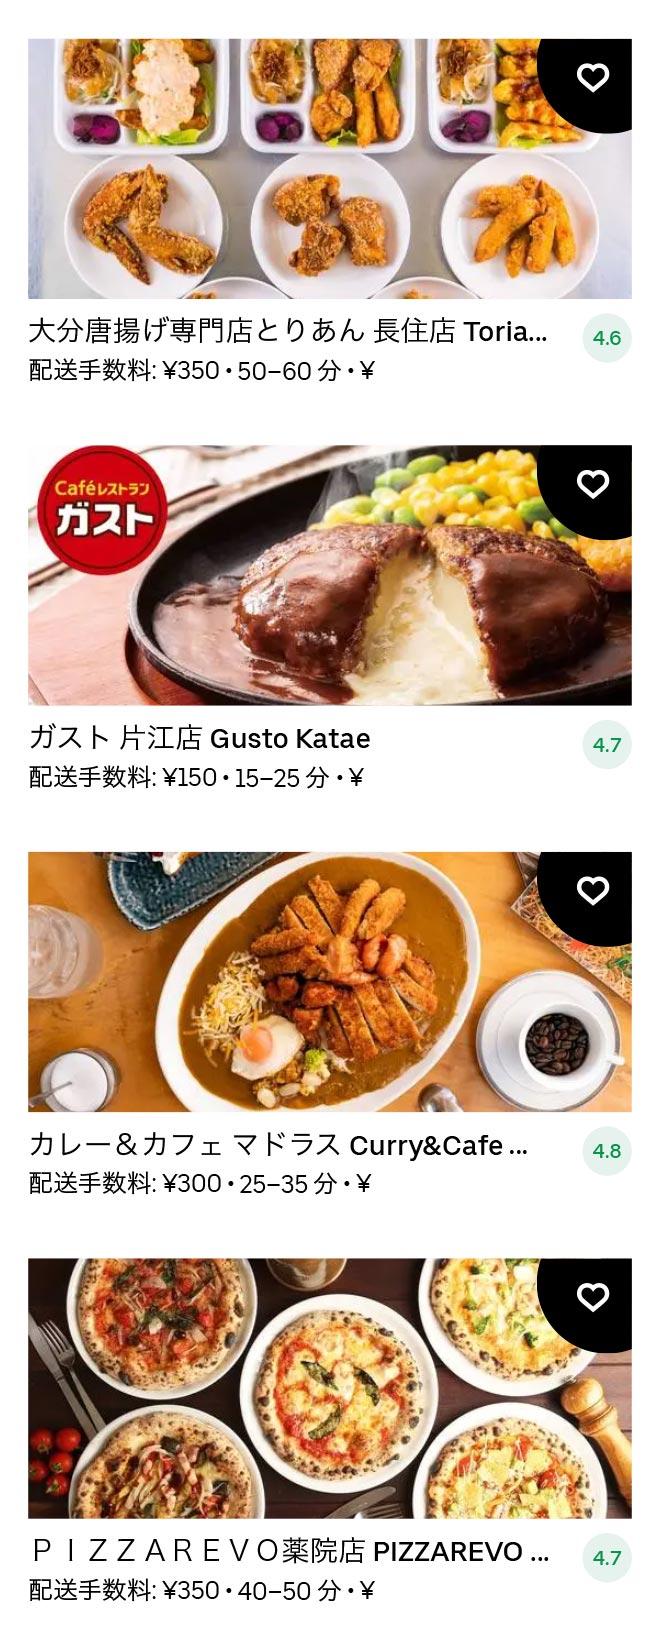 Nanakuma menu 2101 11